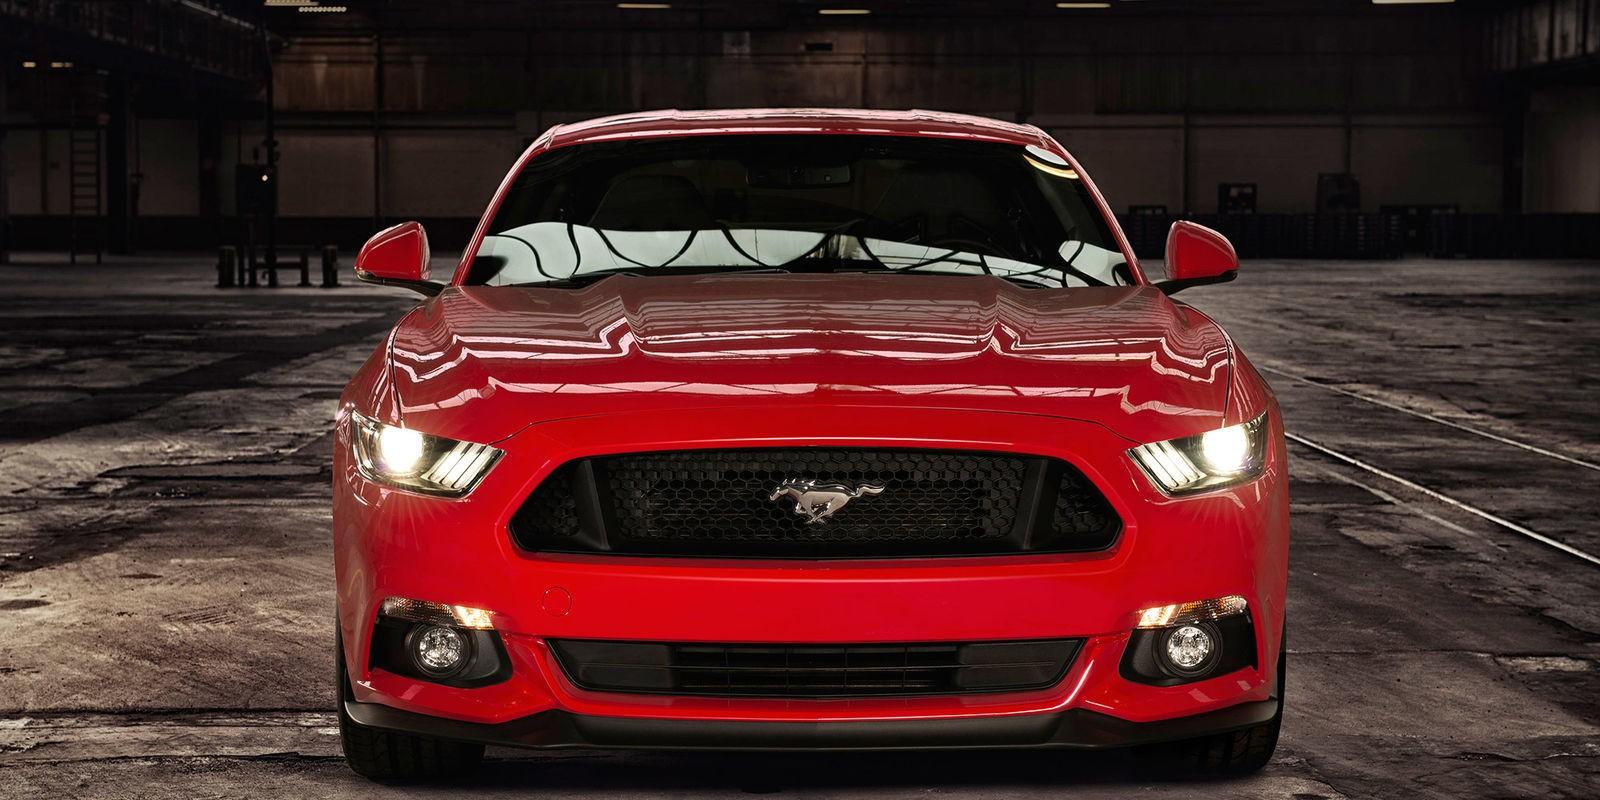 ВСША вышел улучшенный Форд Mustang